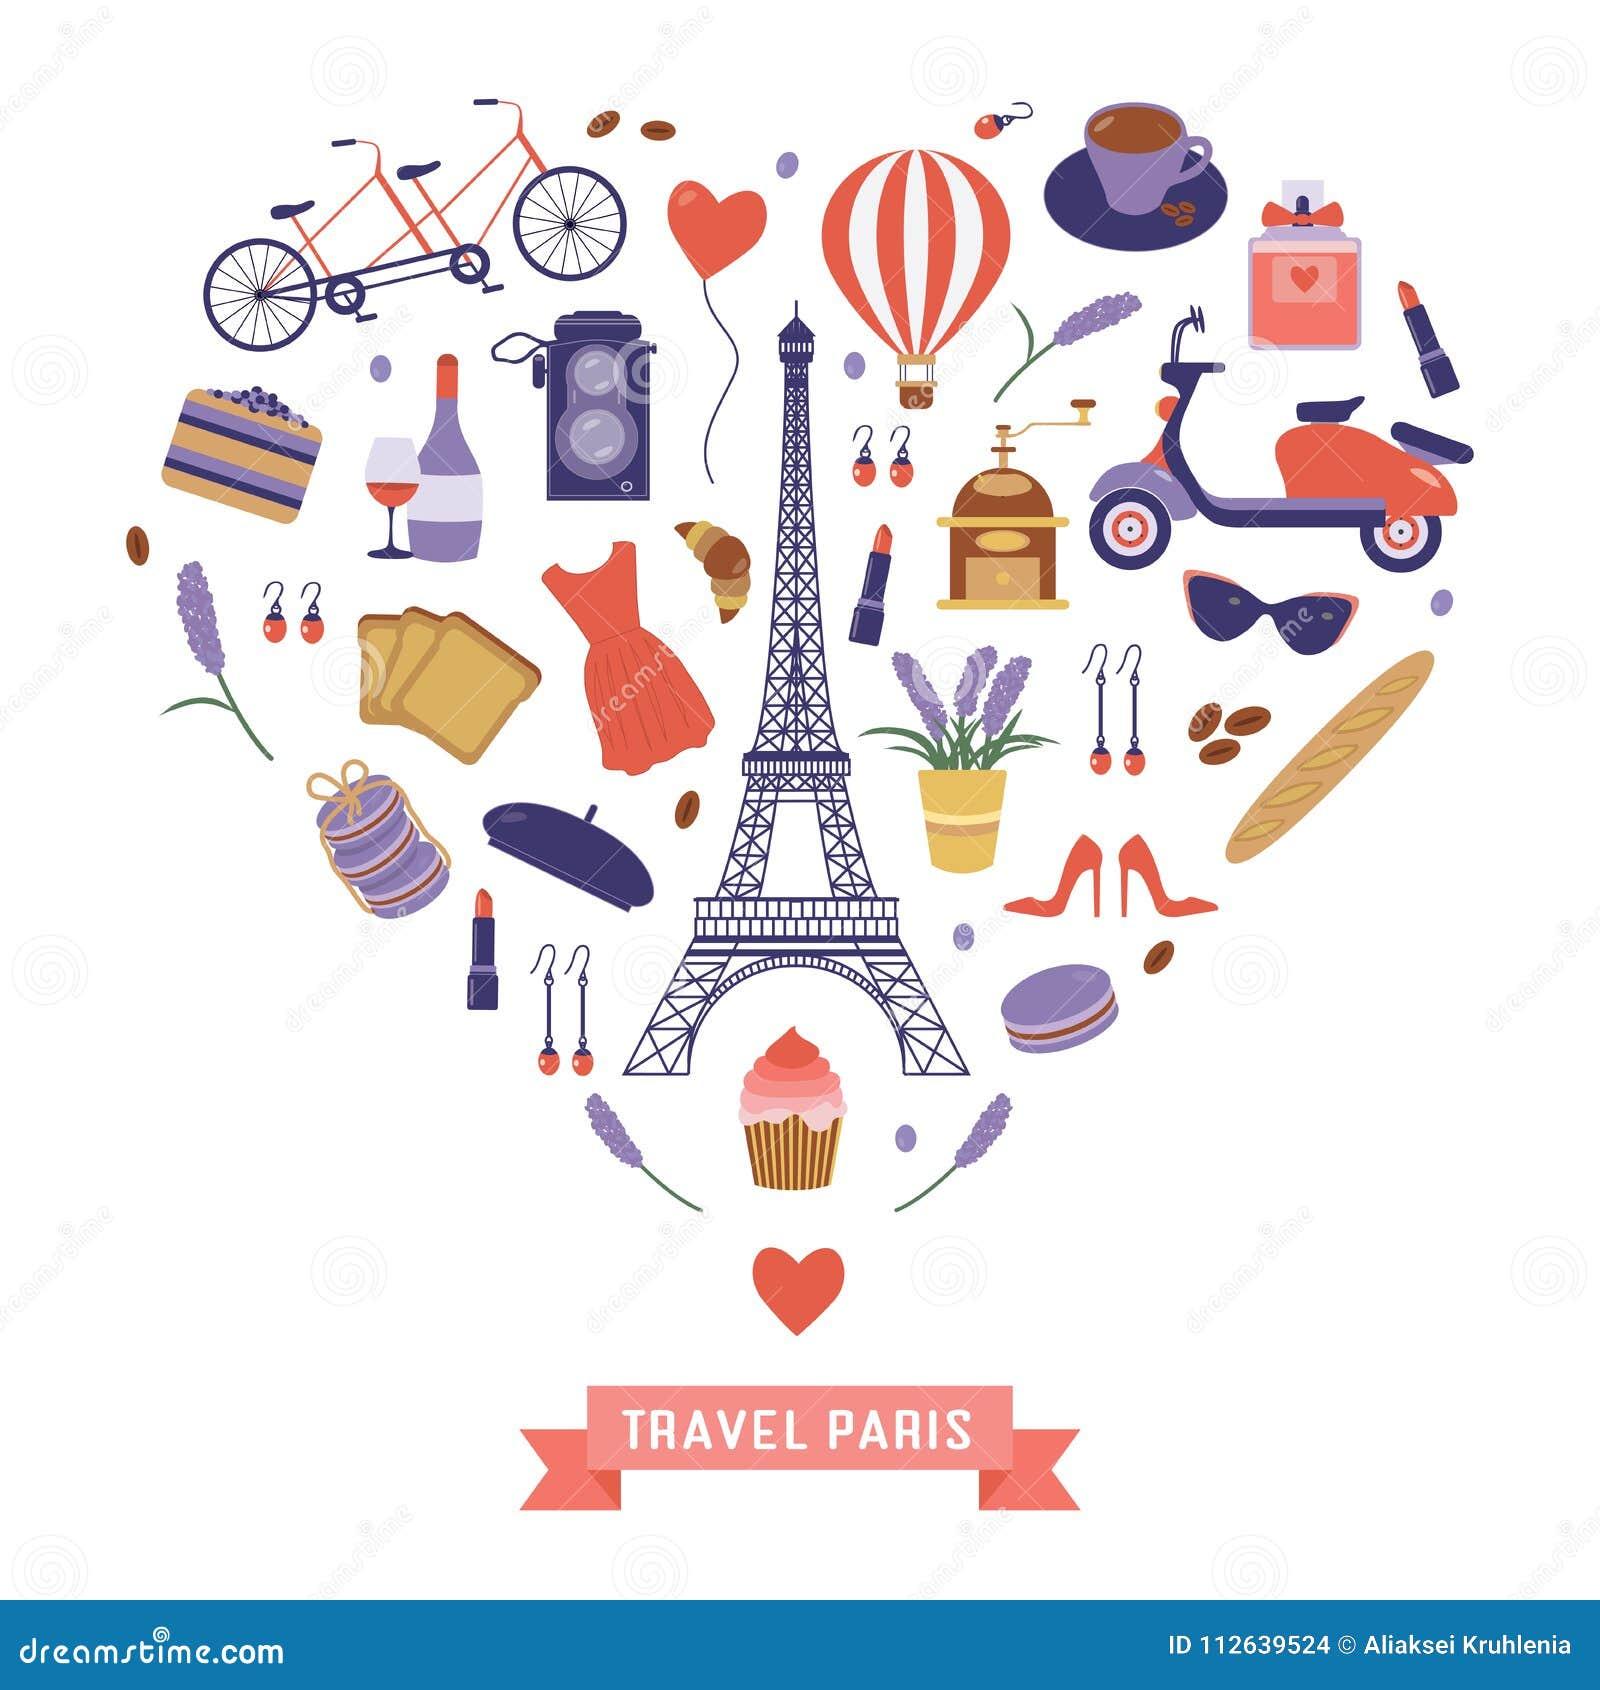 Ich Liebe Paris Karte Mit Franzose Reise Ikonen Vektor Abbildung Illustration Von Ikonen Reise 112639524